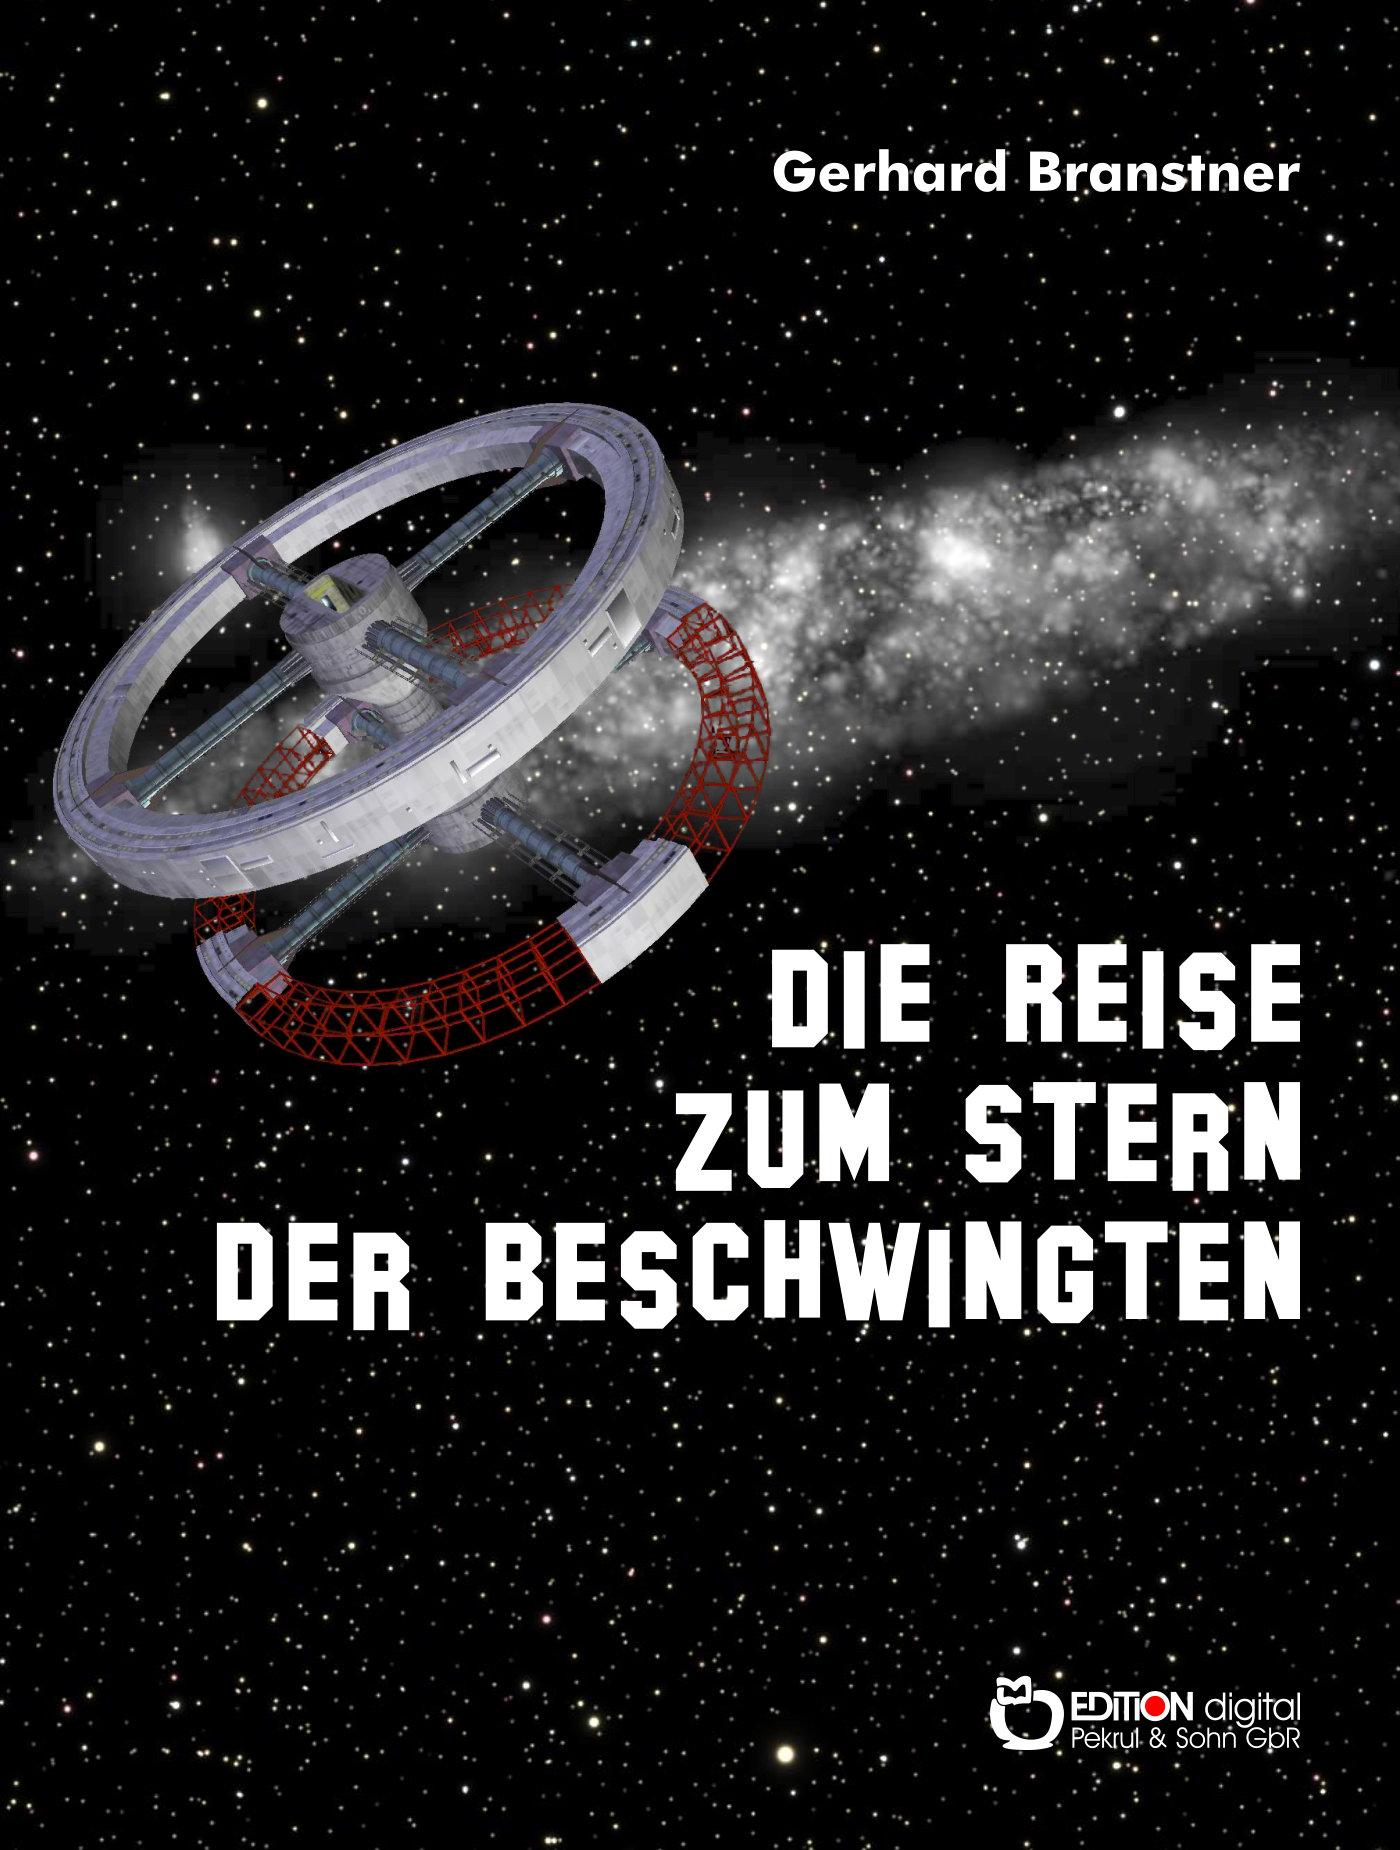 Die Reise zum Stern der Beschwingten. Schilderung der galaktischen Erfahrungen etlicher Erdenmenschen, die versehentlich in die Milchstraße geraten, nach mancherlei erlittenem Ungemach aber glücklich wieder daheim angelangt sind von Gerhard Branstner